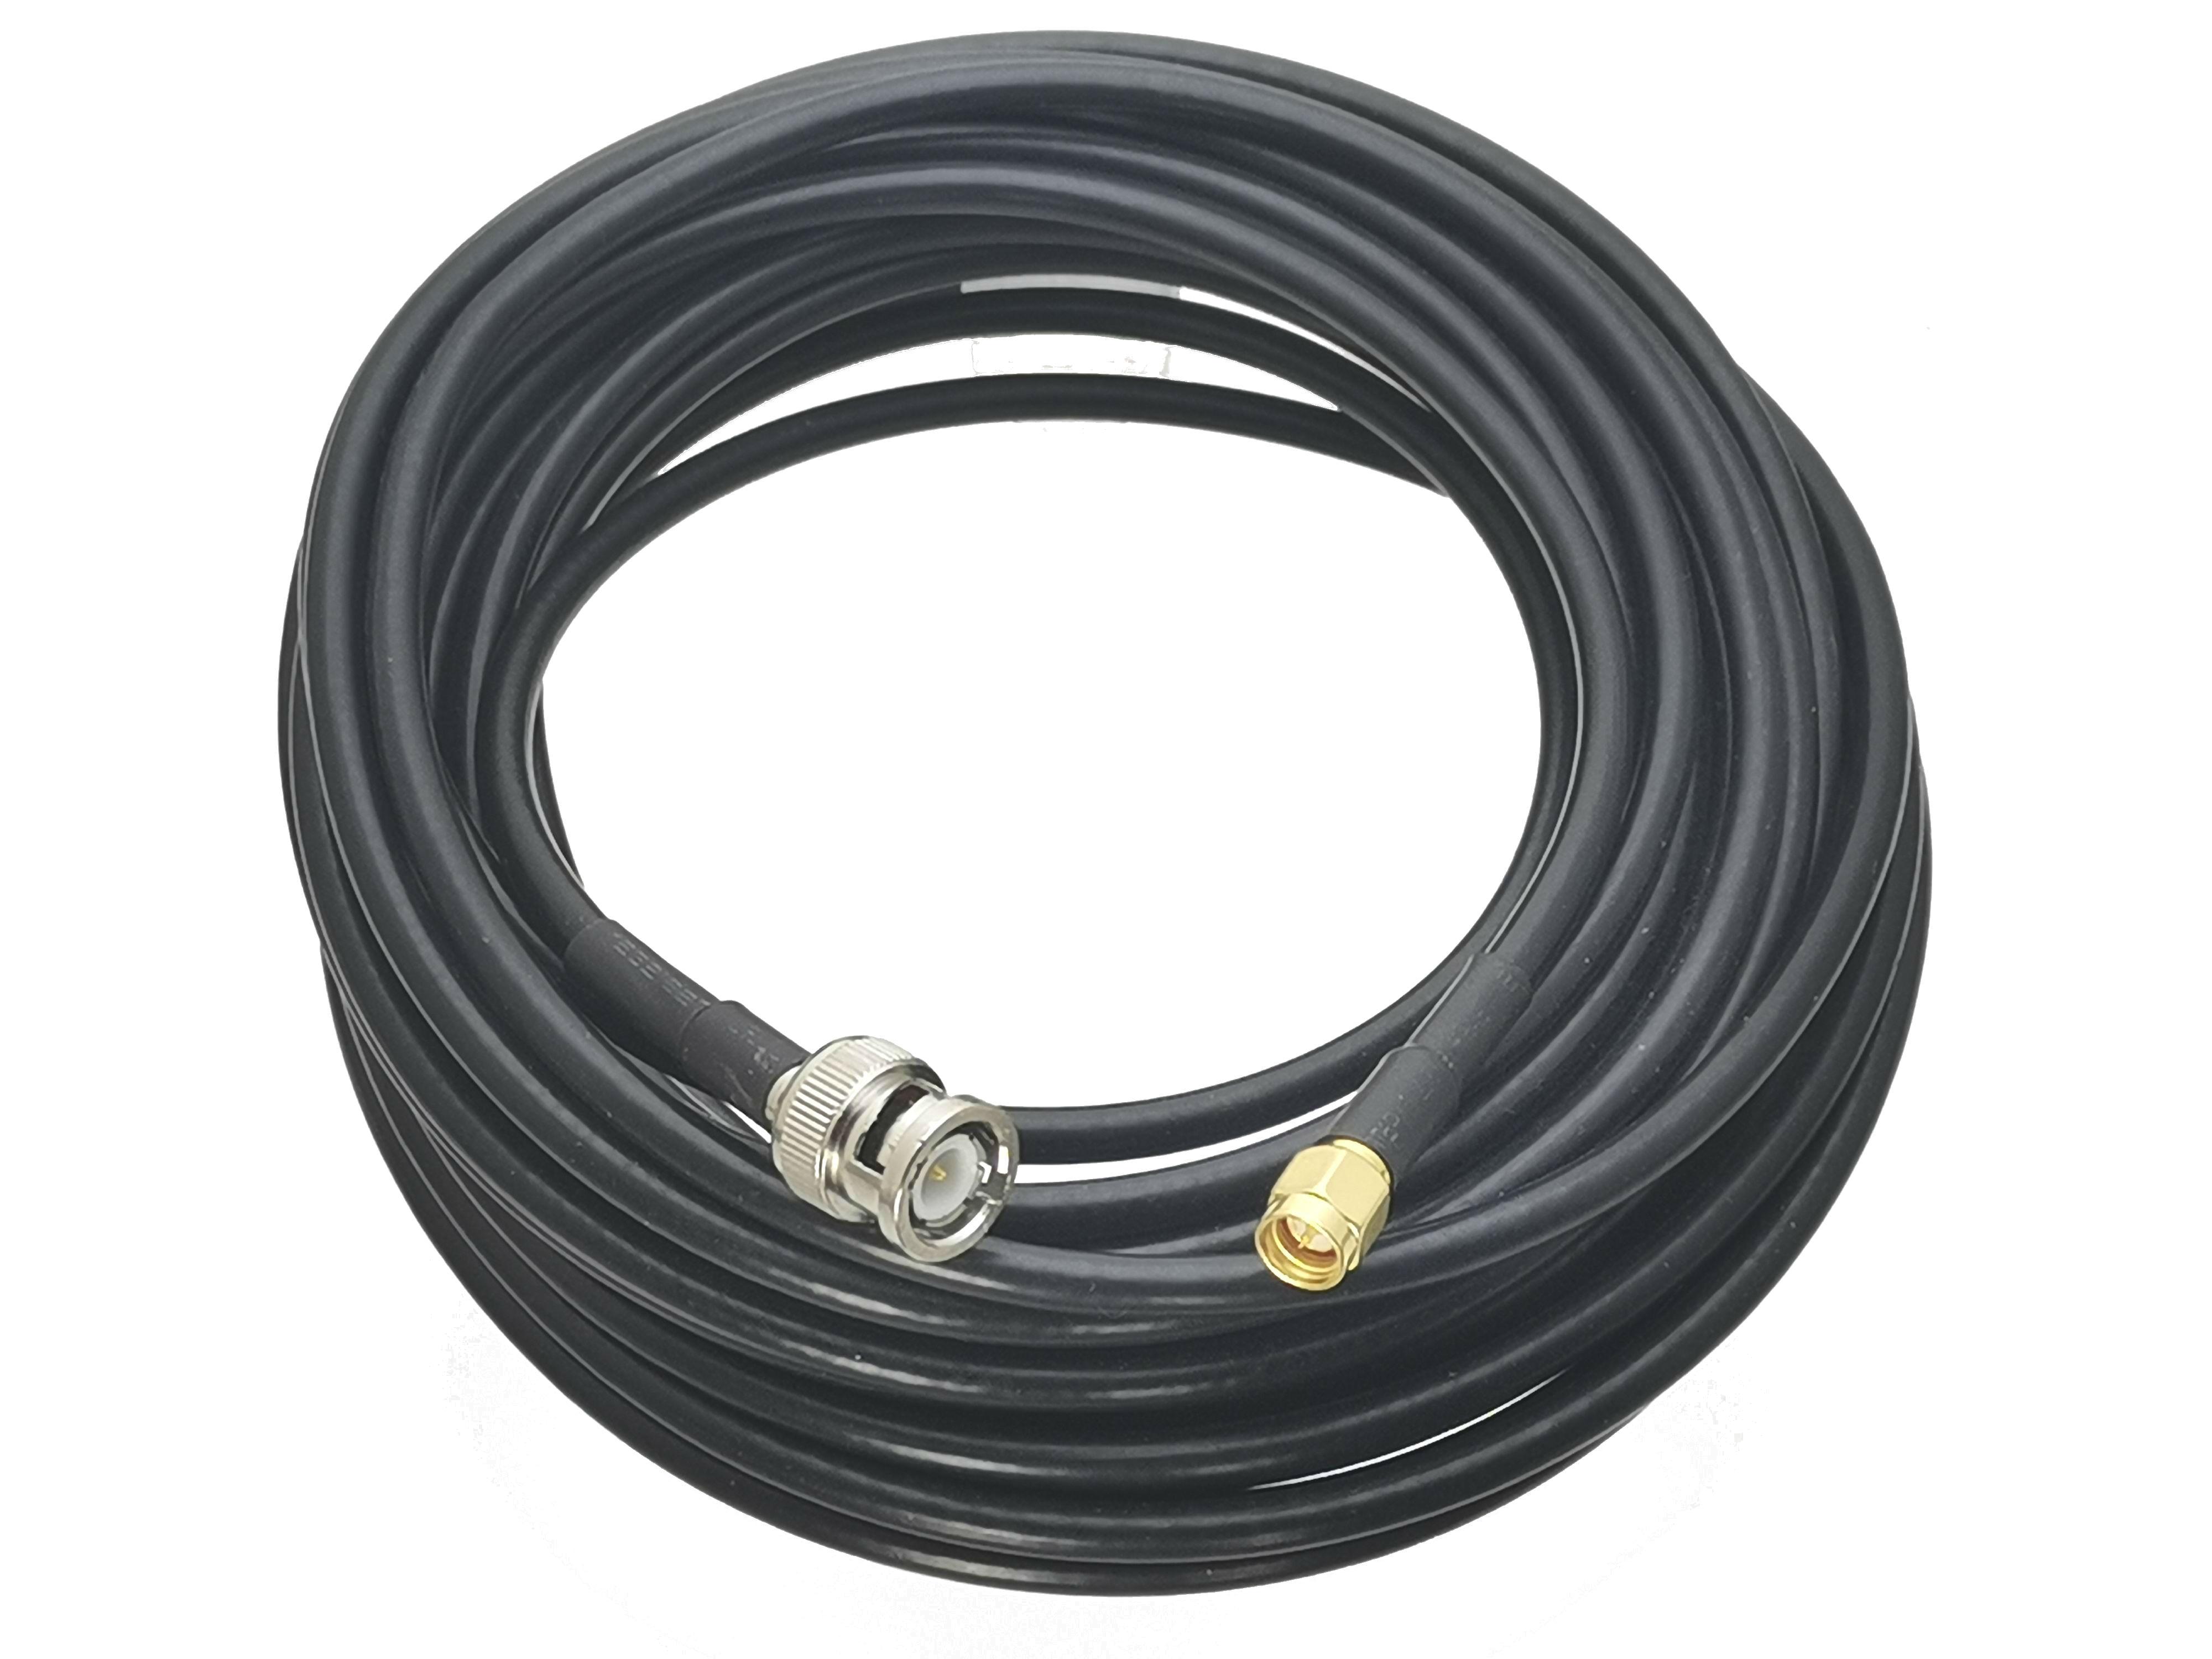 RG58 кабель BNC штекер SMA штекер, Разъем RF коаксиальный джемпер pigtail прямой 6 дюймов ~ 20 м